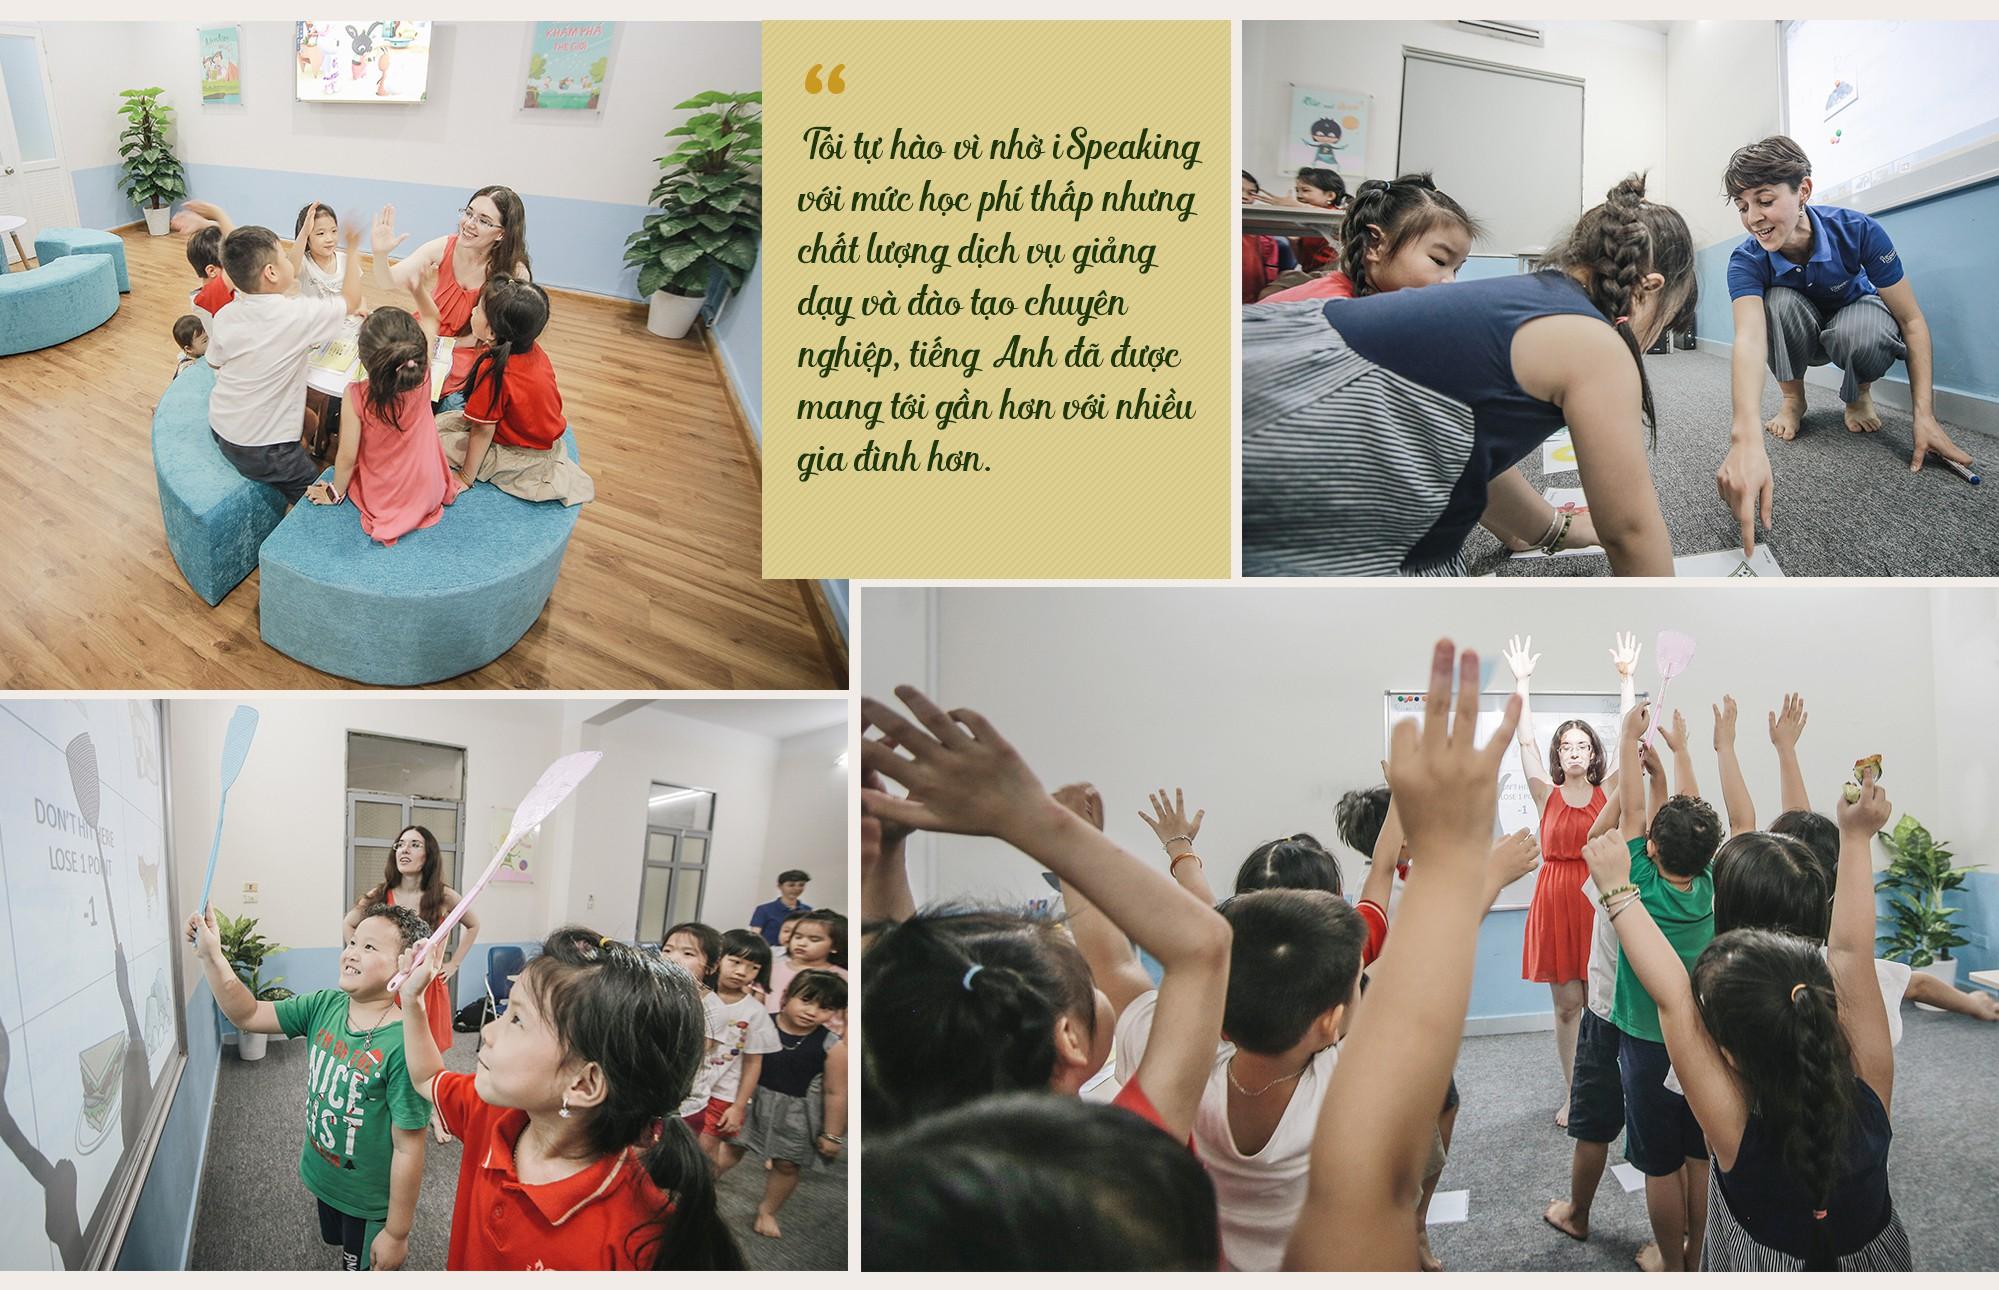 """Từ ước mơ xây ngôi trường riêng cho người con trai đến hệ thống giáo dục với chiến lược """"khác biệt hóa"""" bằng sự tận tâm của cô giáo người Mỹ - Ảnh 6."""